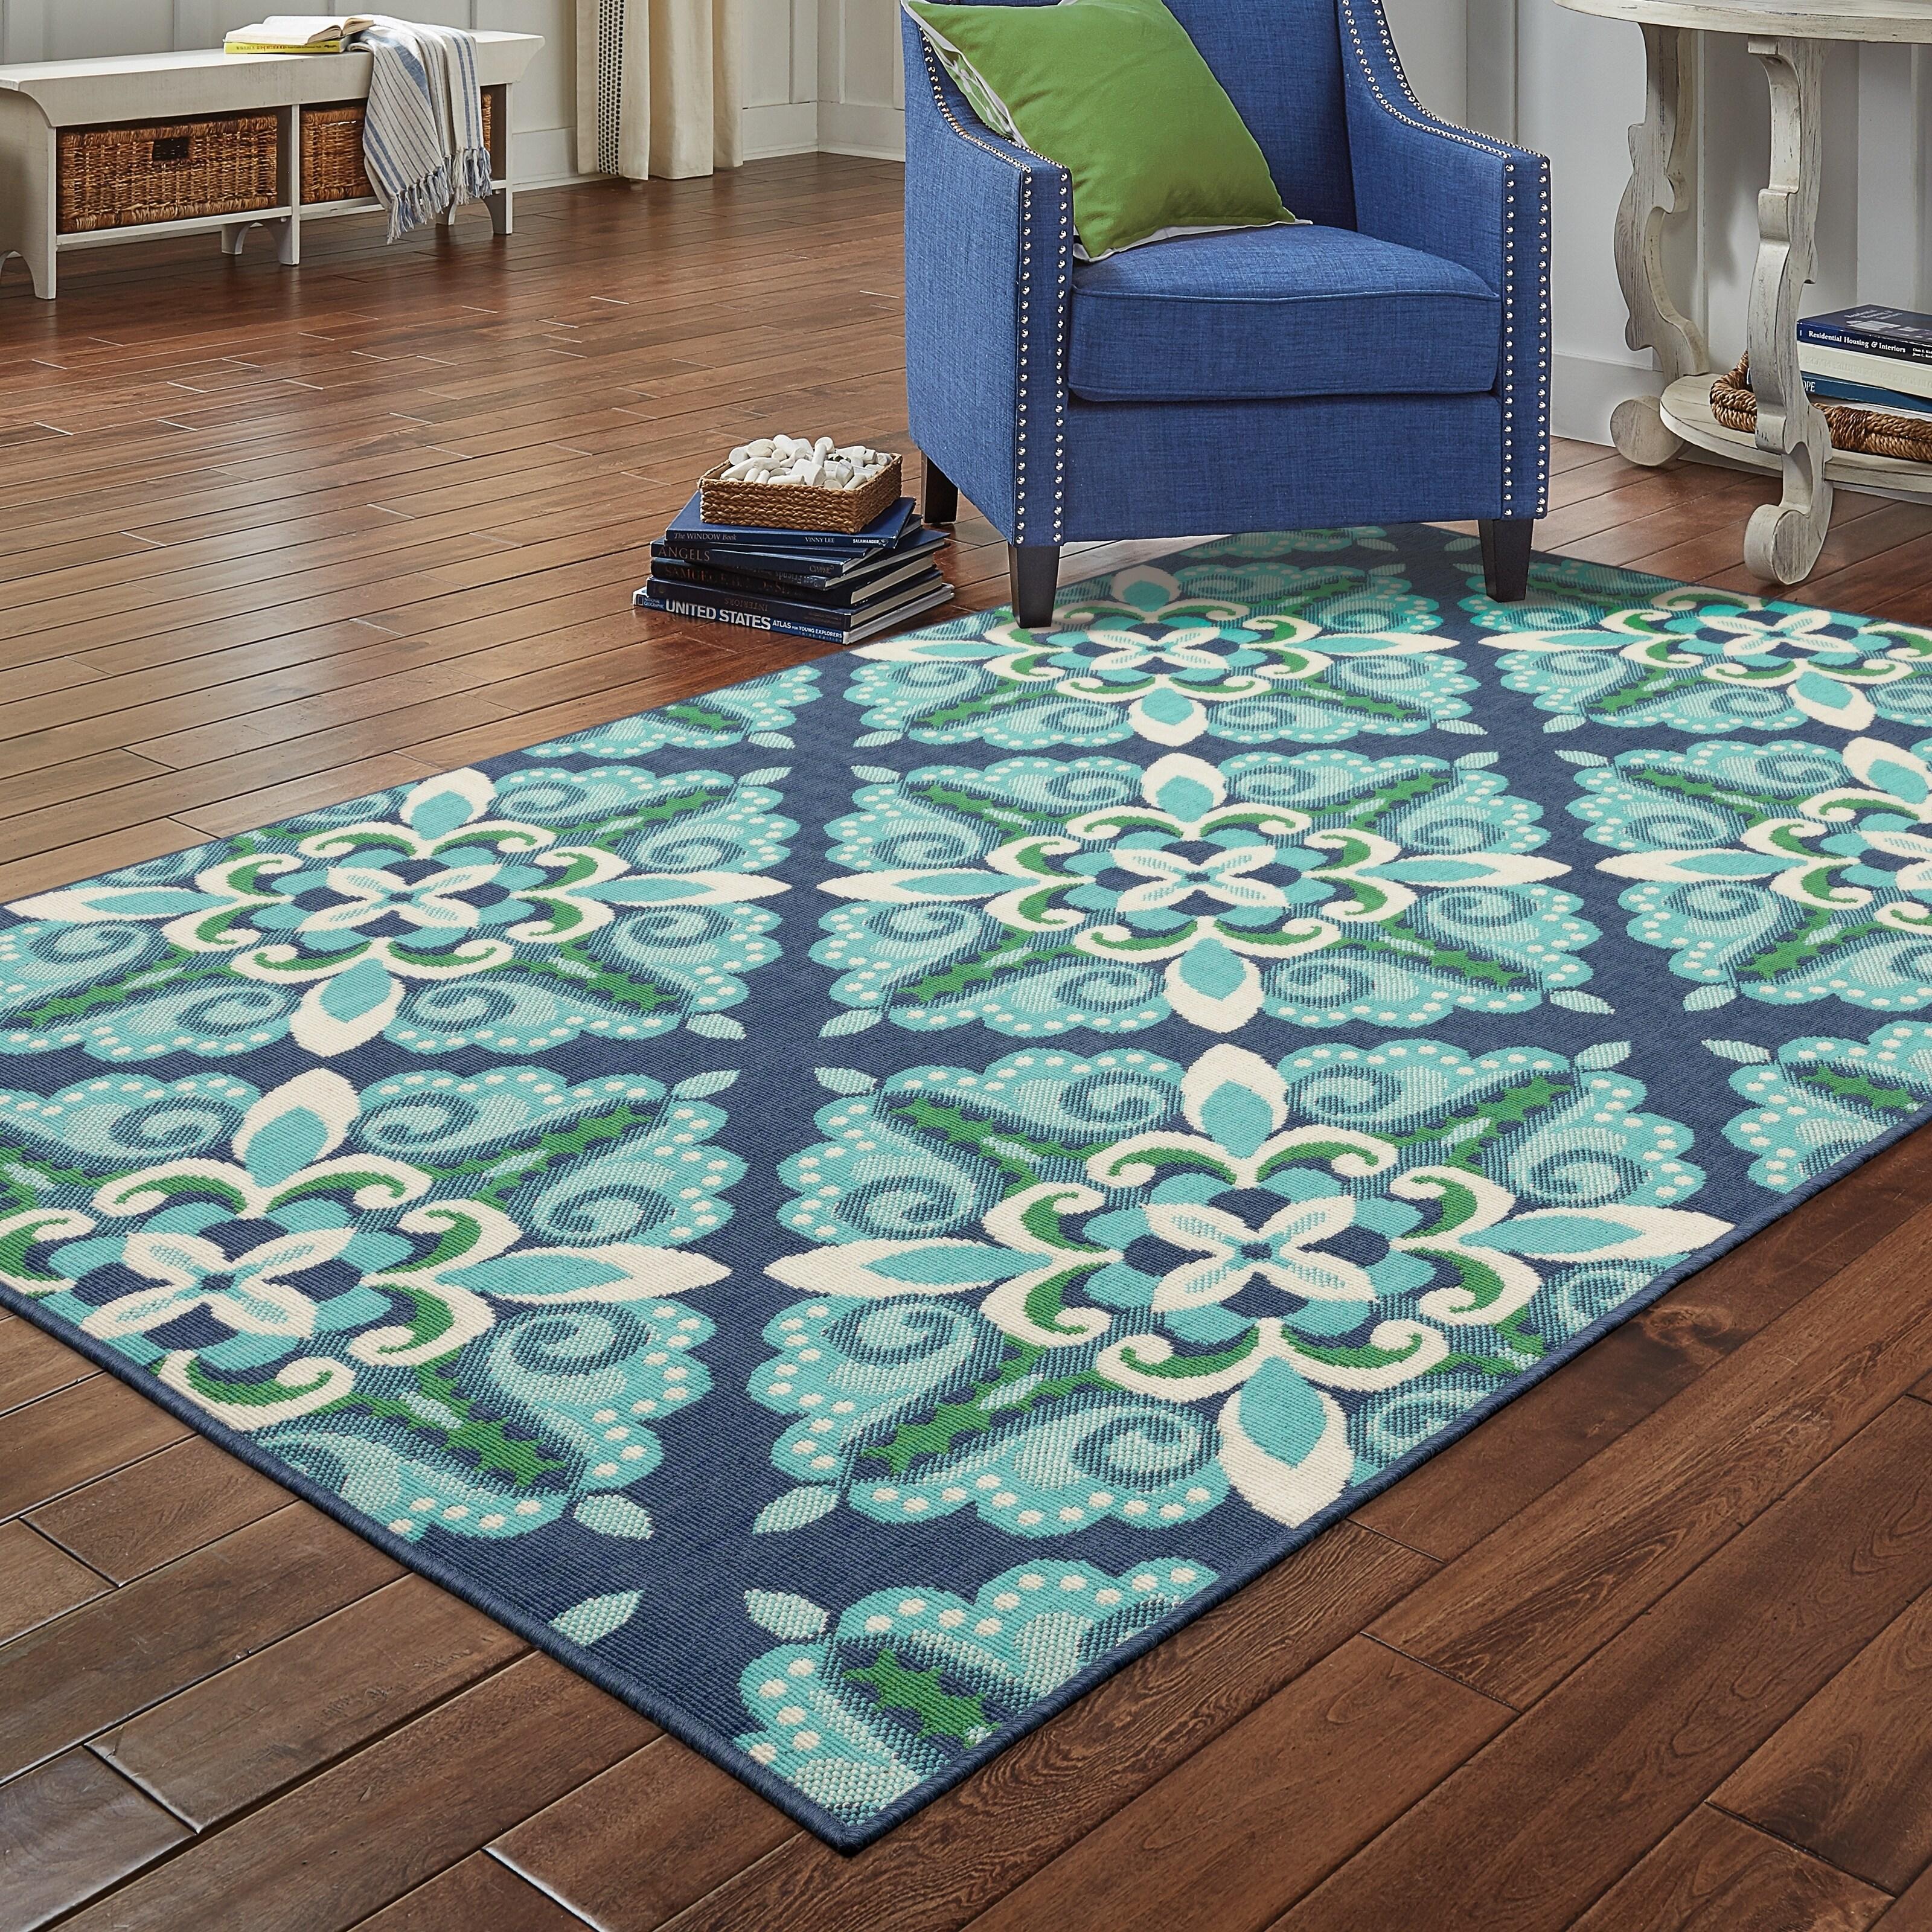 buy outdoor area rugs online at overstock our best rugs deals rh overstock com outdoor patio rugs amazon outdoor patio rugs walmart